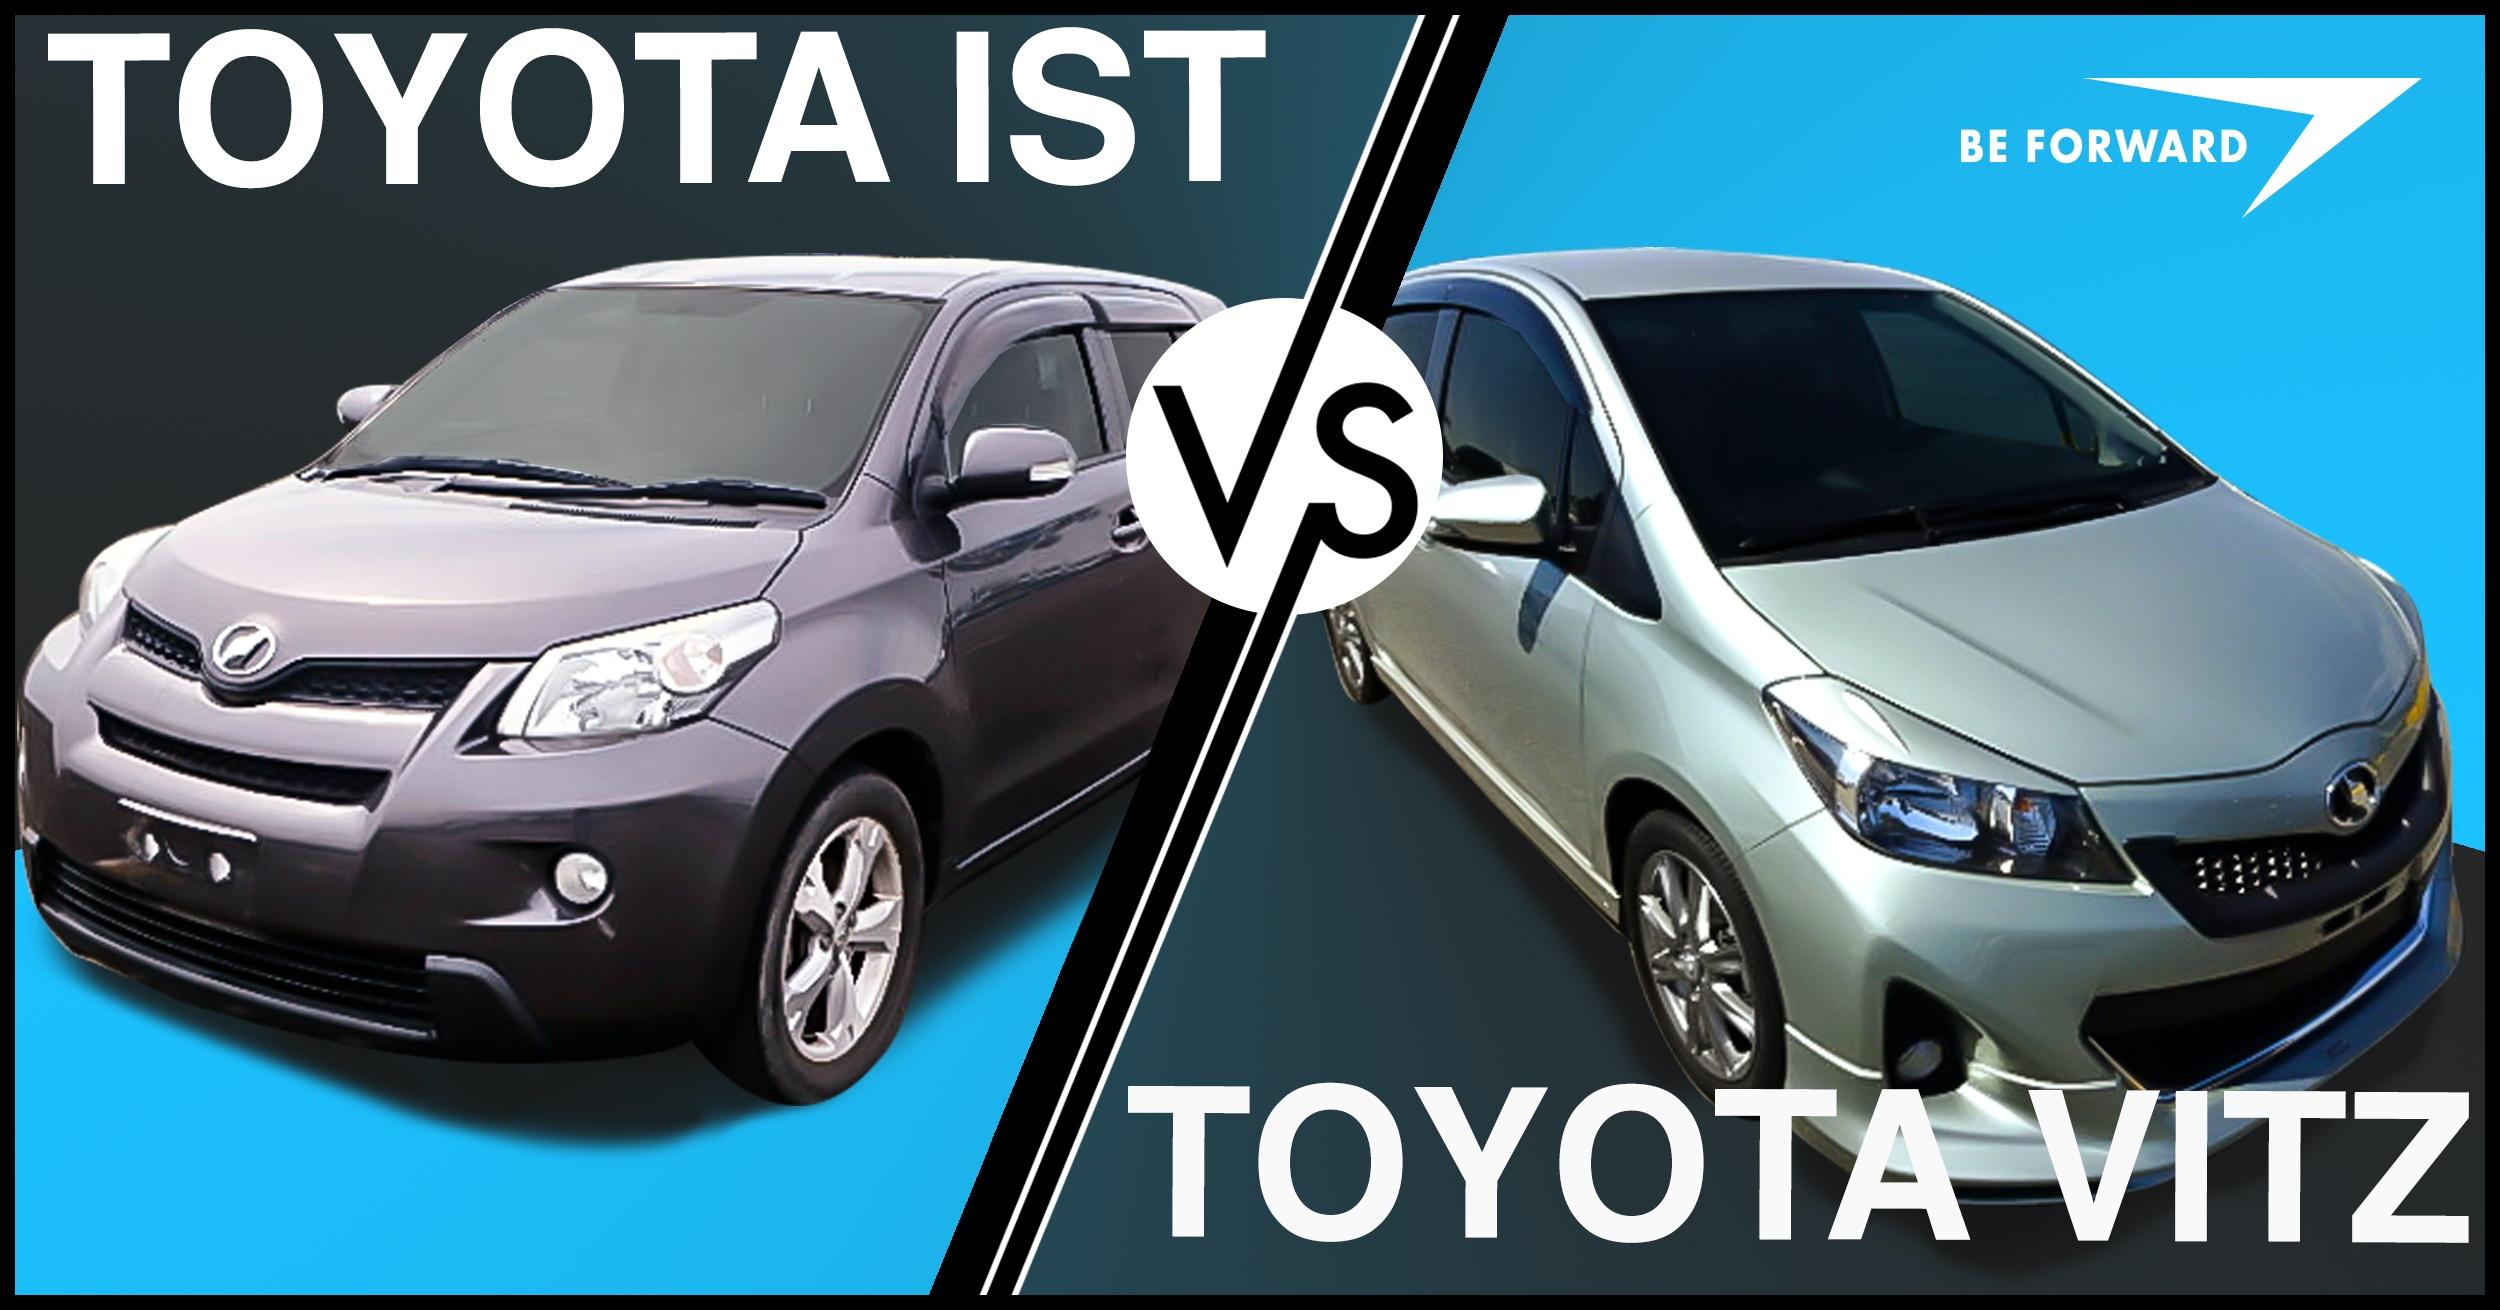 90 Toyota IST vs Toyota Vitz